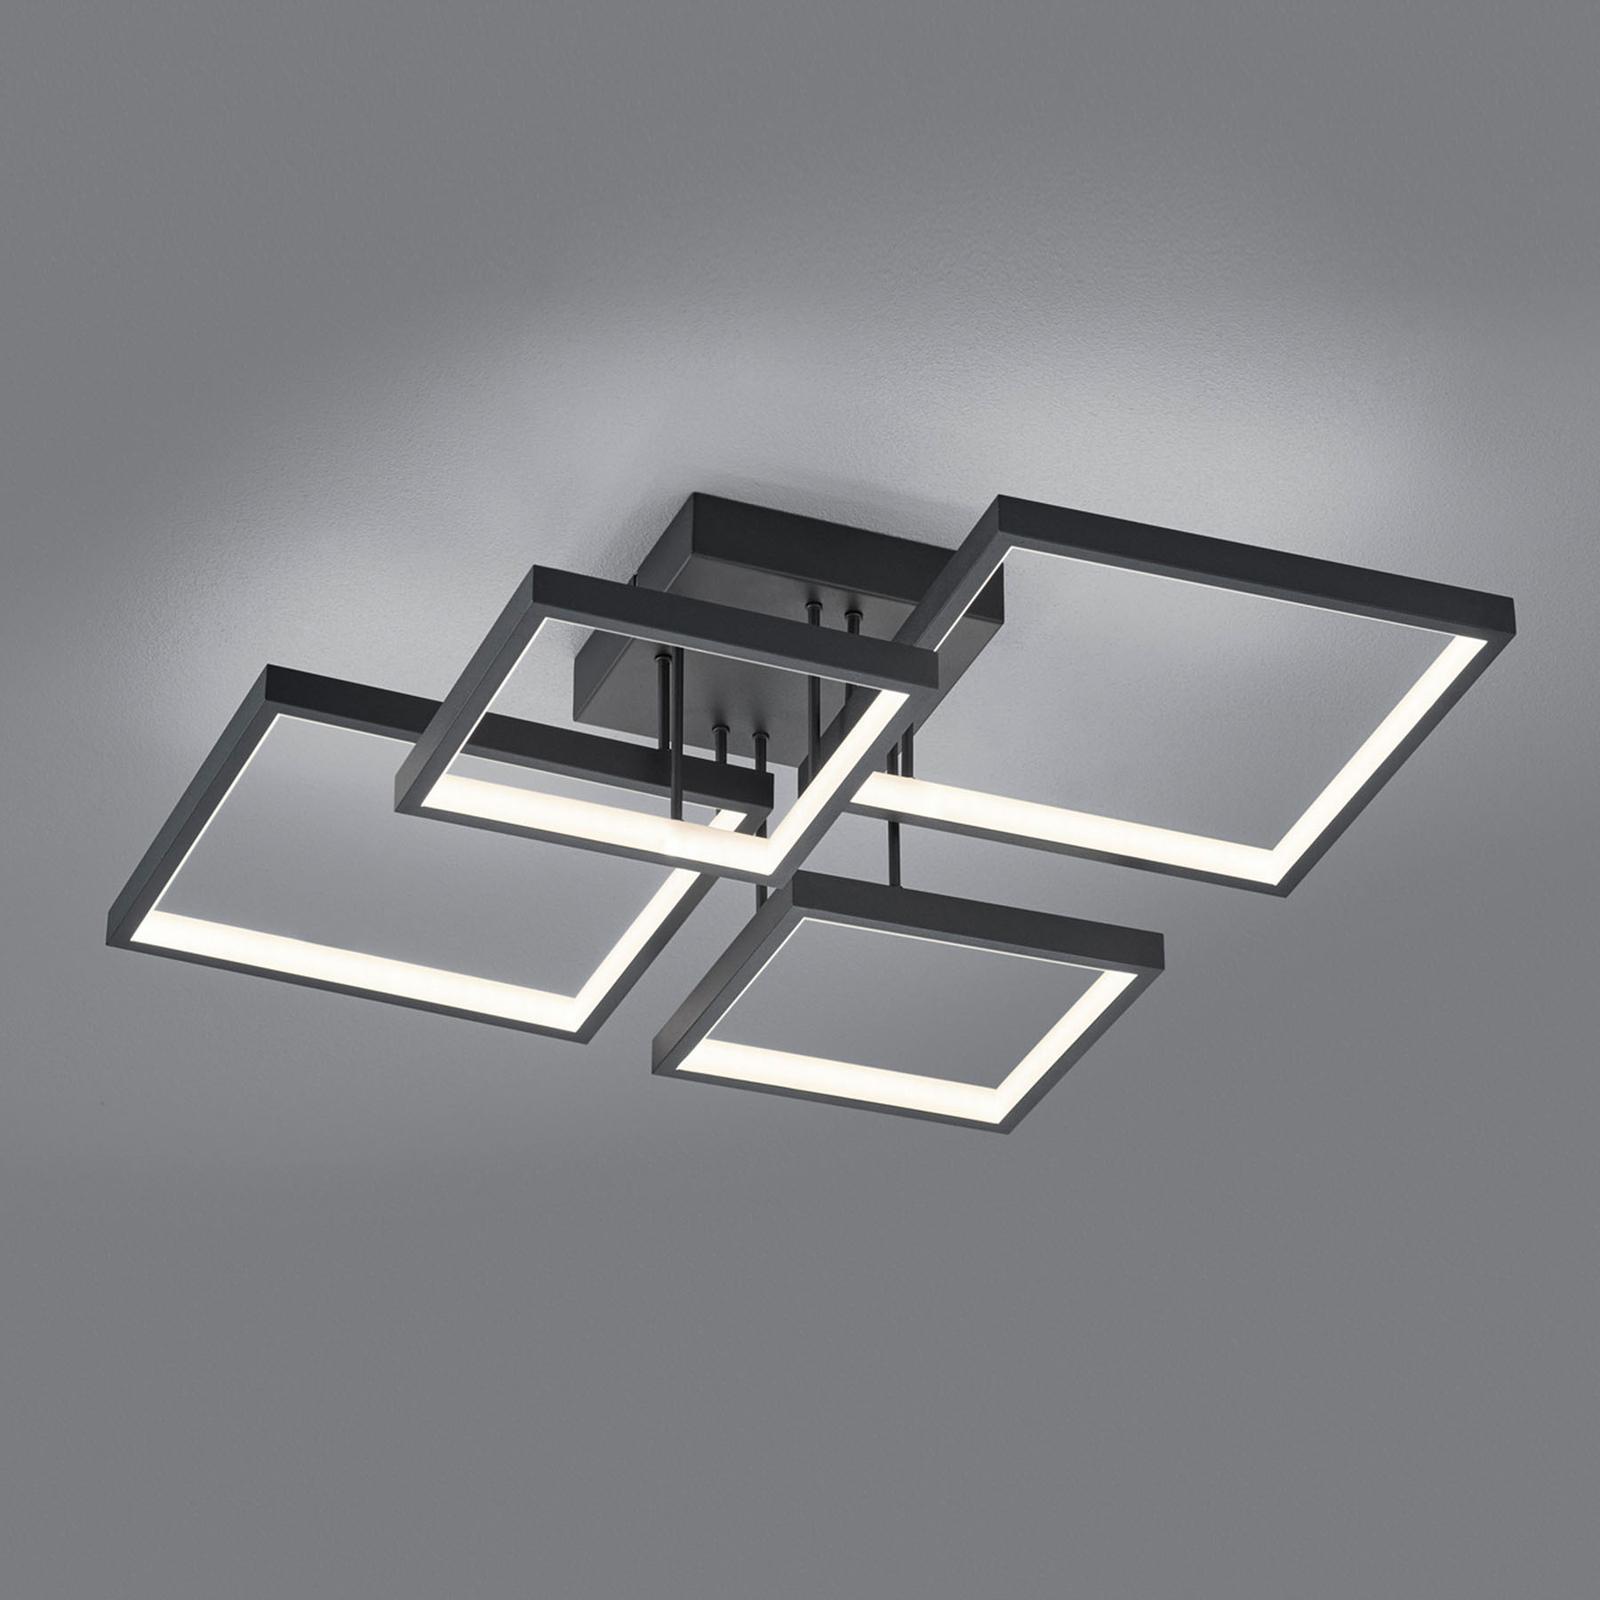 LED-kattovalaisin Sorrento 52x52cm, matta musta